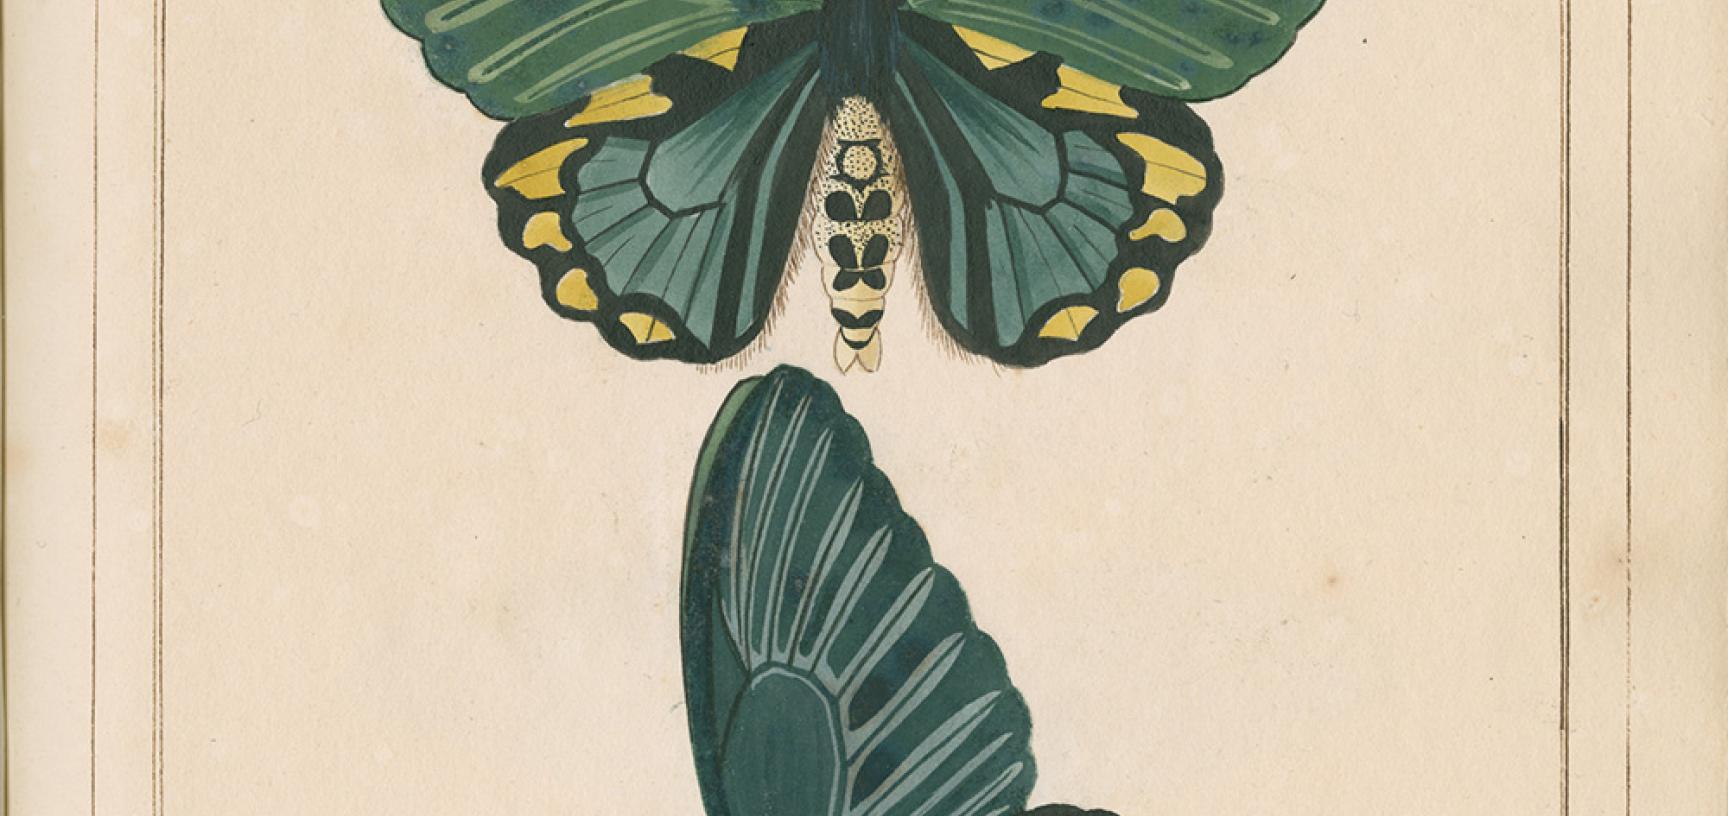 Papilio remus